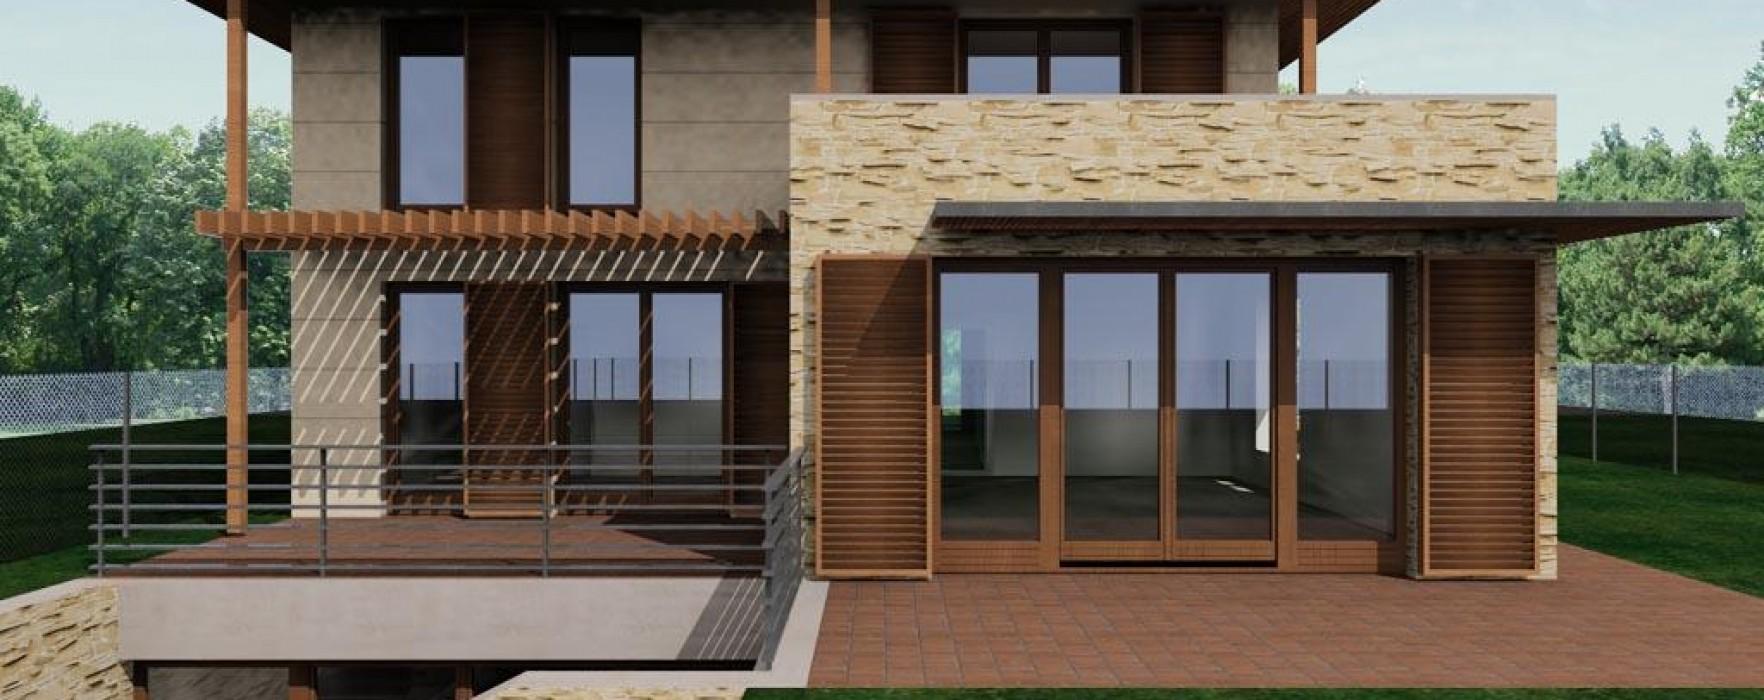 La salubrit delle case in legno prefabbricate for Durata casa in legno